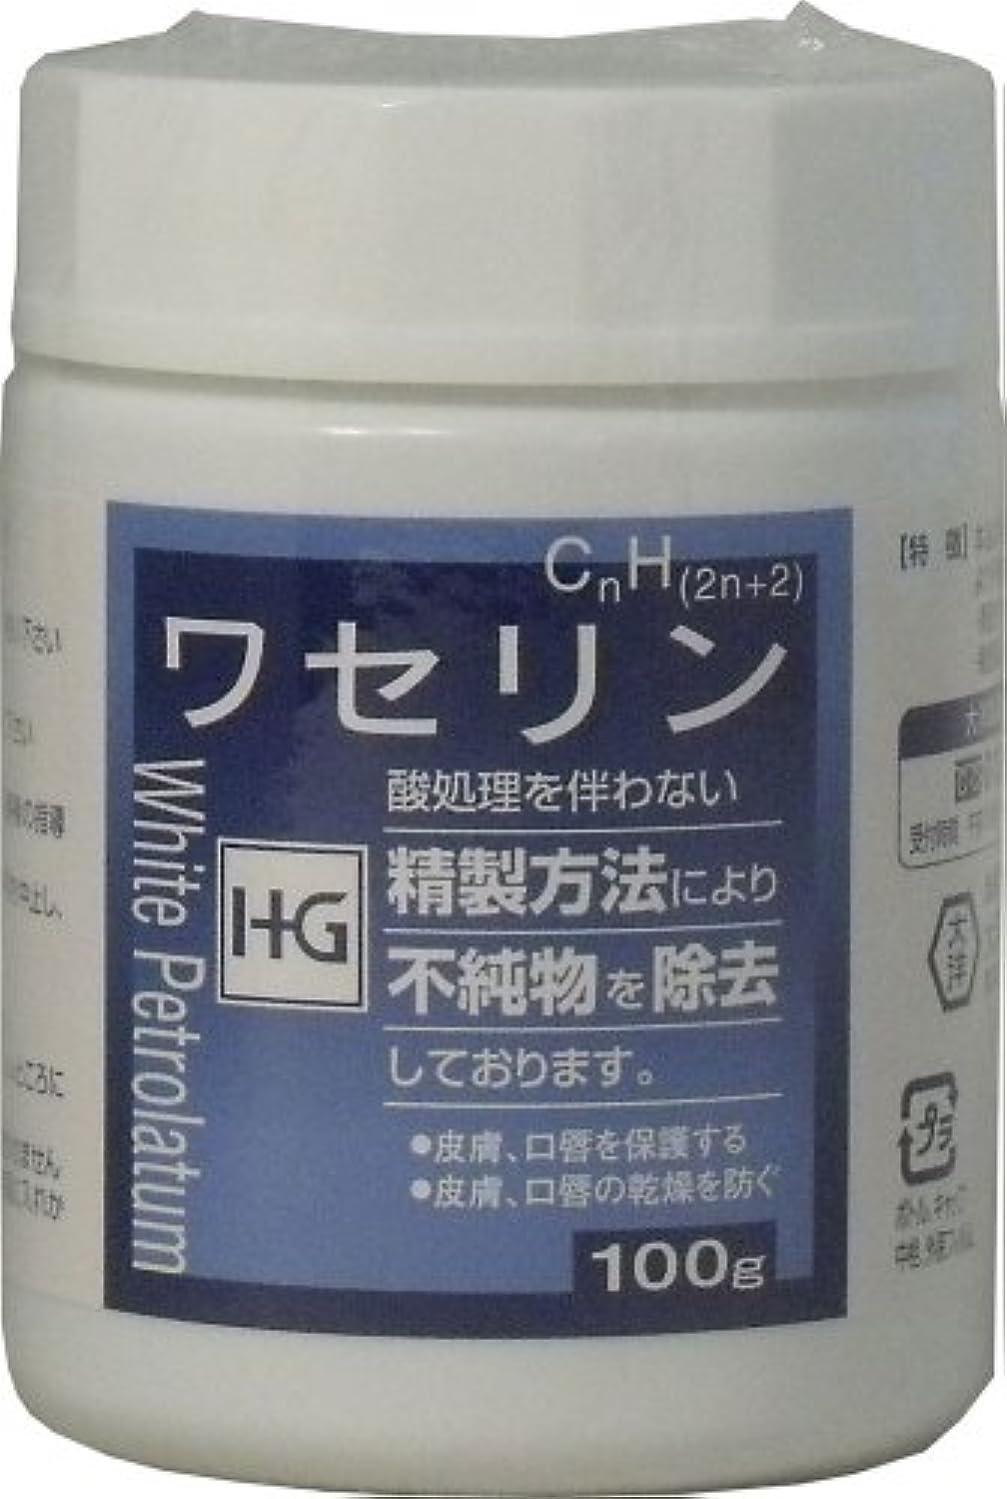 ベジタリアンナンセンスインタフェース皮膚保護 ワセリンHG 100g ×10個セット